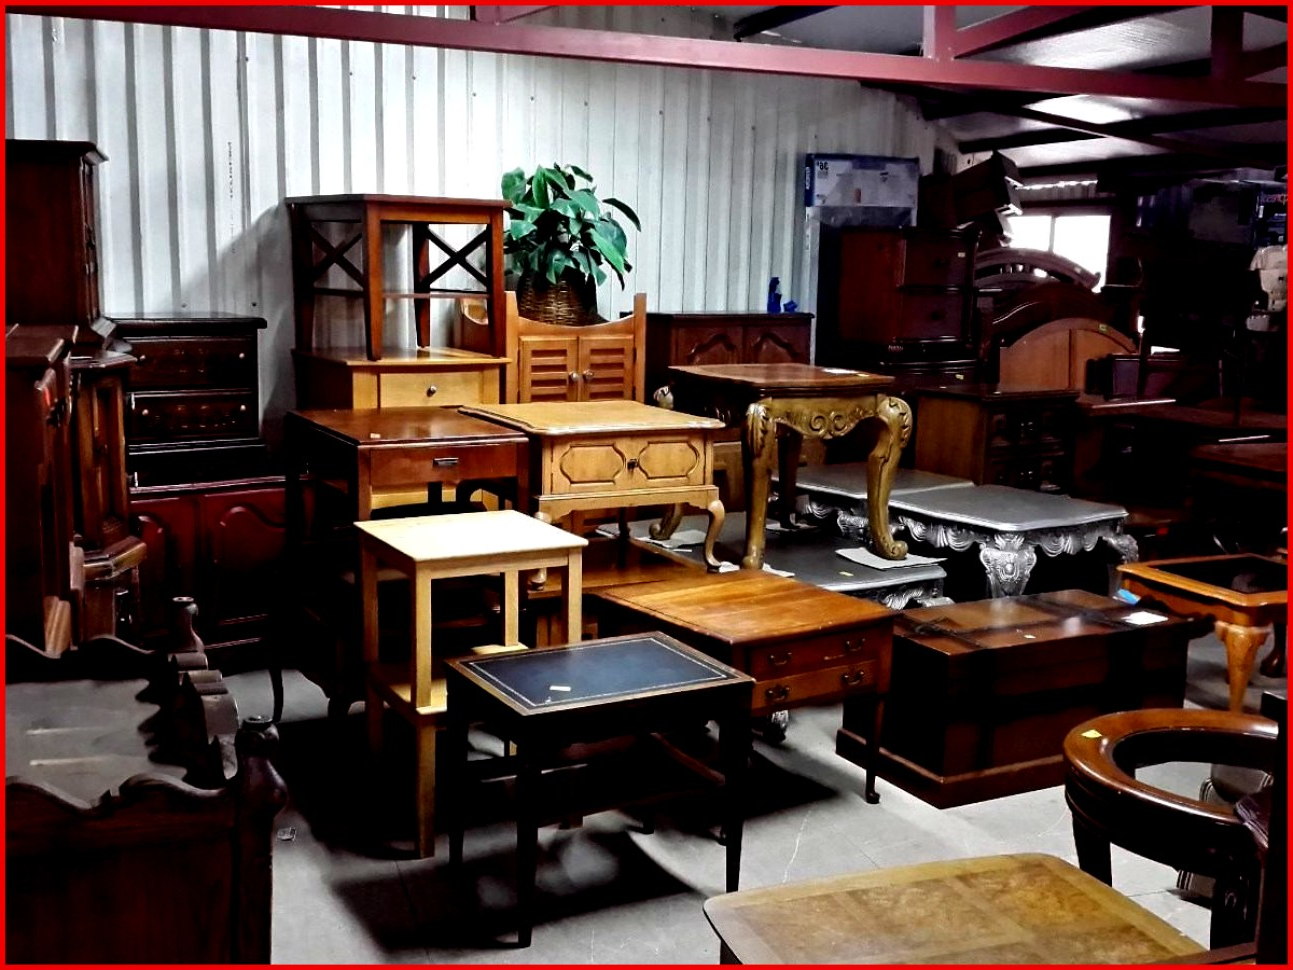 Vender Muebles Usados Barcelona Q0d4 Praventa Muebles Usados Barcelona Pra Segunda Mano